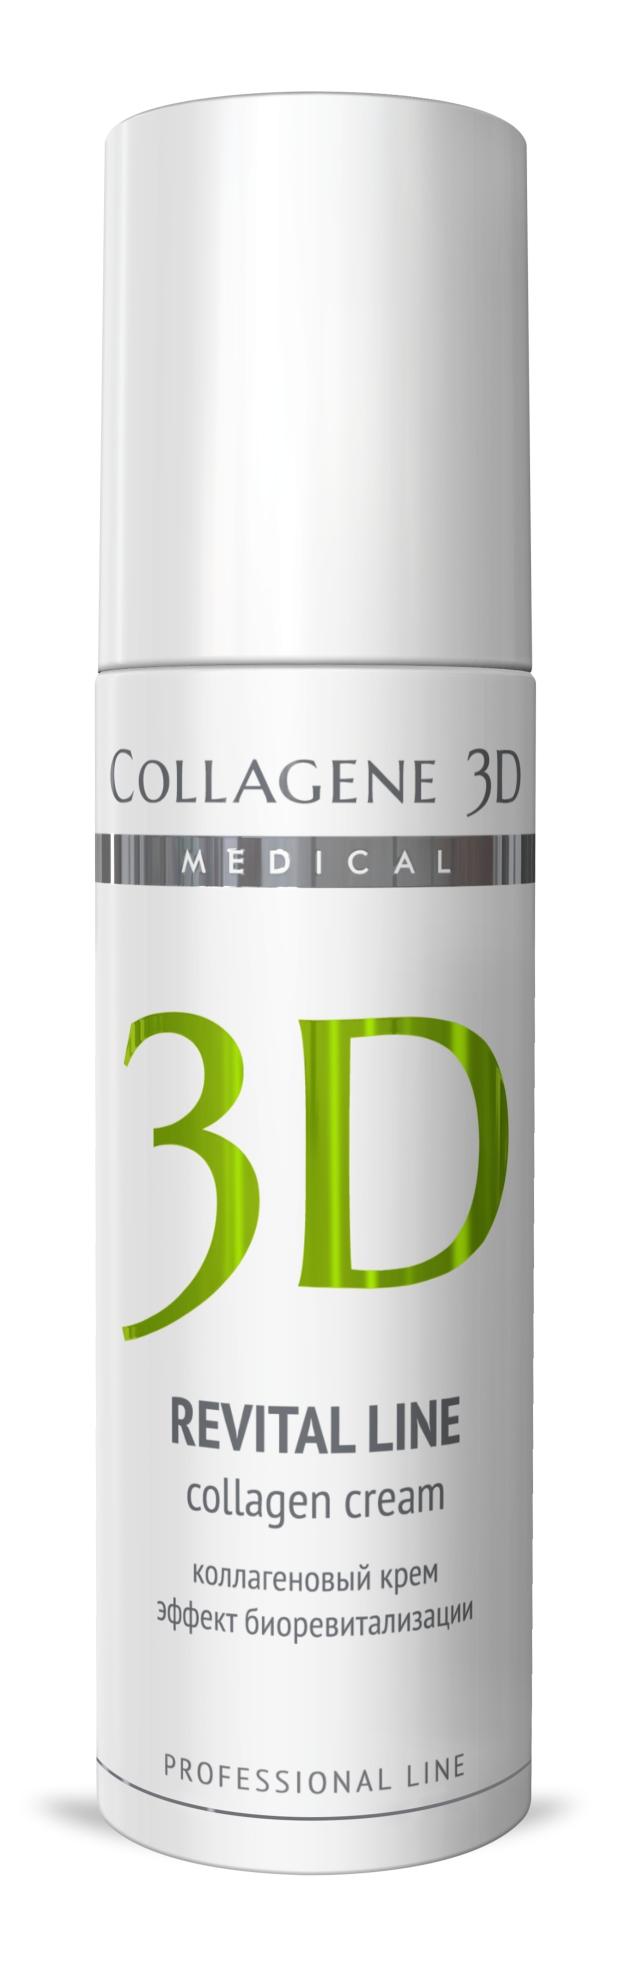 MEDICAL COLLAGENE 3D Крем с коллагеном и восстанавливающим комплексом для лица Revital Line 150мл проф.Кремы<br>Интенсивный биоревитализирующий комплекс в составе уменьшает проявления гиперкератоза, способствует восстановлению контура овала лица, питает и интенсивно увлажняет, повышает тургор и эластичность, улучшает цвет и выравнивает микрорельеф кожи. Крем стимулирует естественное омоложение кожи. Активные ингредиенты: нативный трехспиральный коллаген, масло оливы, персиковое масло, мочевина, пантенол, витамин РР, витамин С, комплекс AHA-кислот, гиалуроновая кислота, аллантоин, витамин А, витамин Е. Способ применения: нанести тонким слоем на предварительно очищенную кожу лица, шеи и область декольте. Кремы рекомендуются как для экспресс-процедур, так и для курсового применения. Курсовое применение: 8-10 процедур. Проводить по 1 процедуре ежедневно или через день. Поддерживающие процедуры следует проводить 1 раз в неделю.<br>